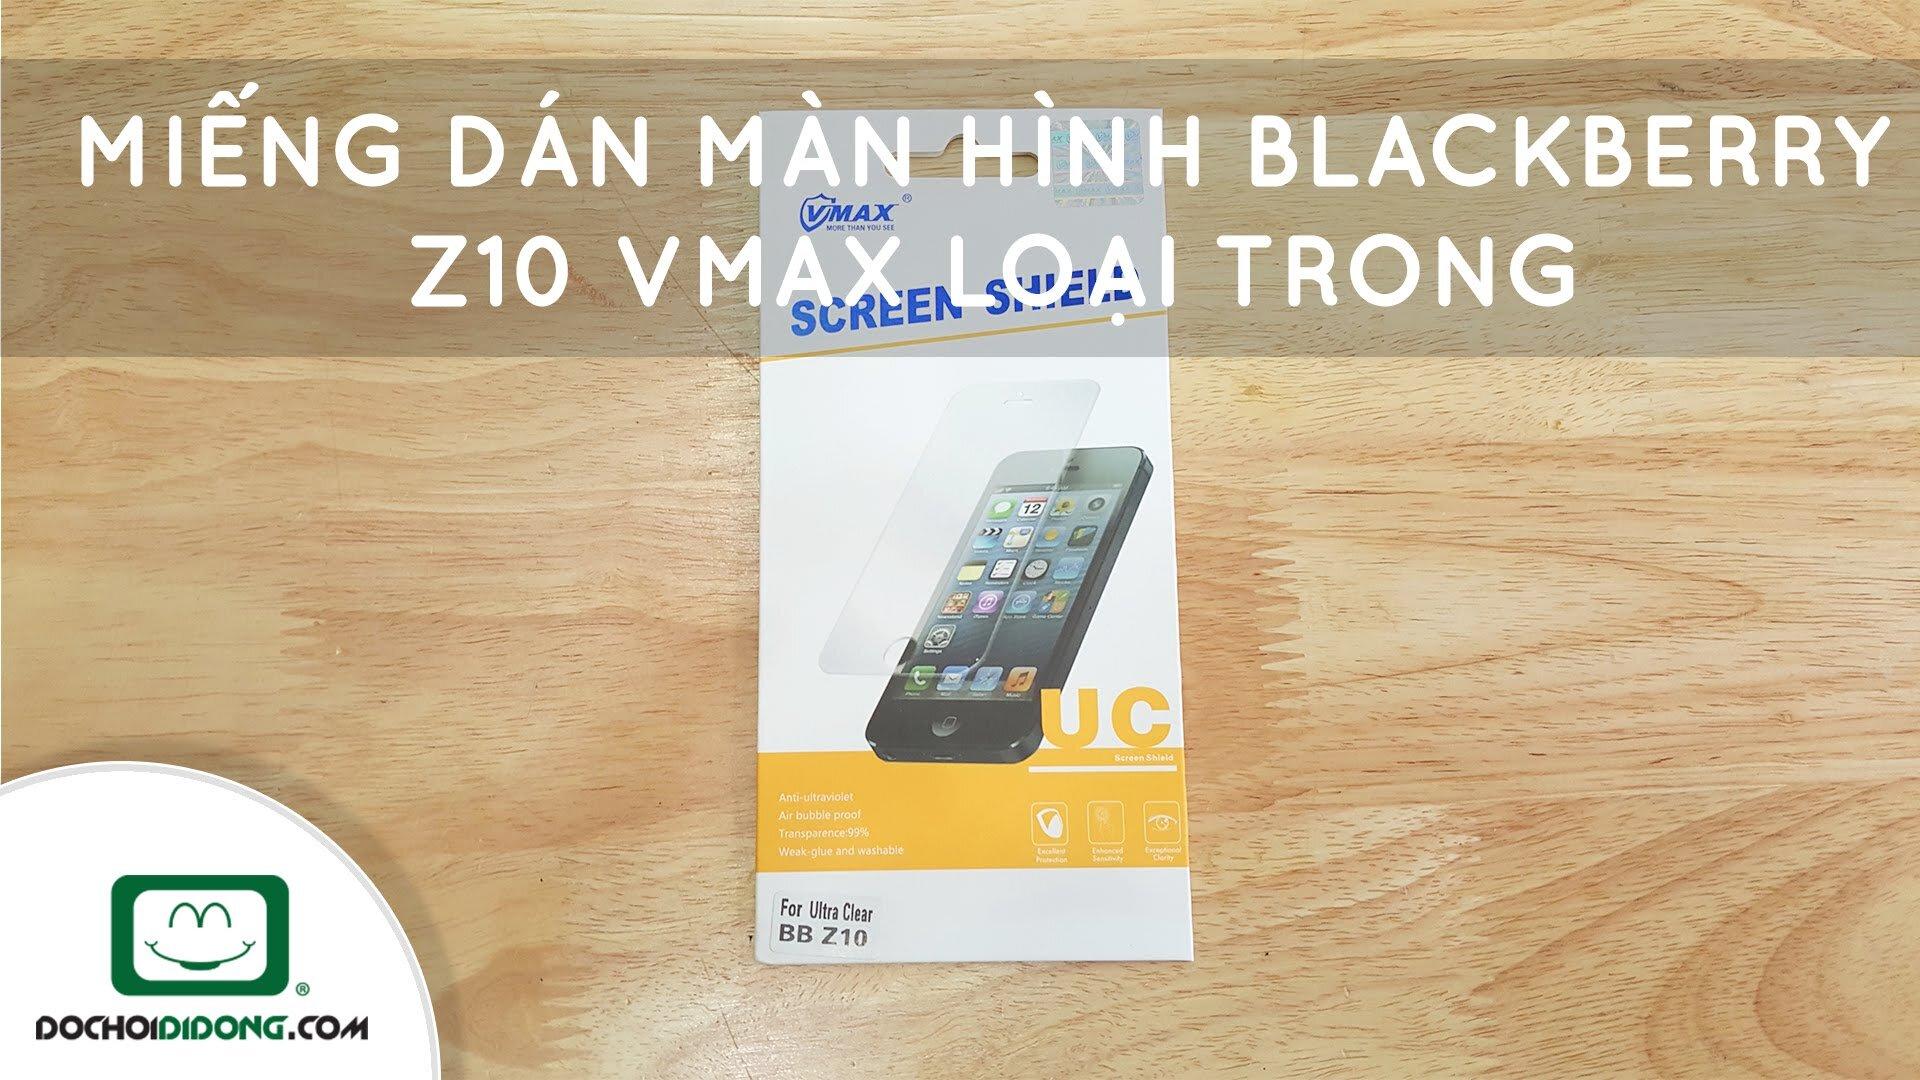 Miếng dán màn hình BlackBerry Z10 Vmax loại trong